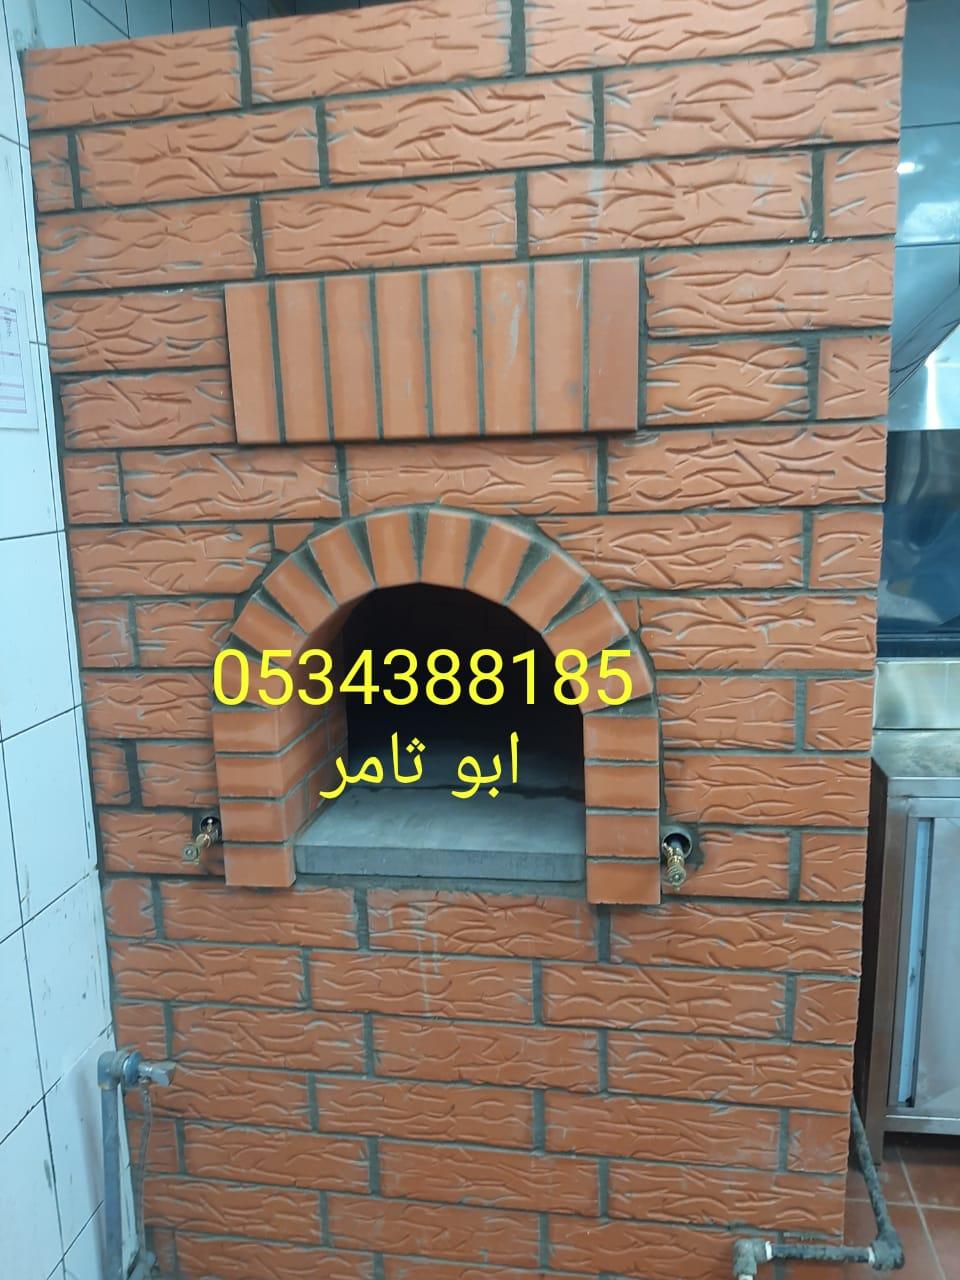 بناء فرن في الرياض , فرن في الشرقية , فرن مطعم , افران مطاعم  0534388185 P_181924ccc8